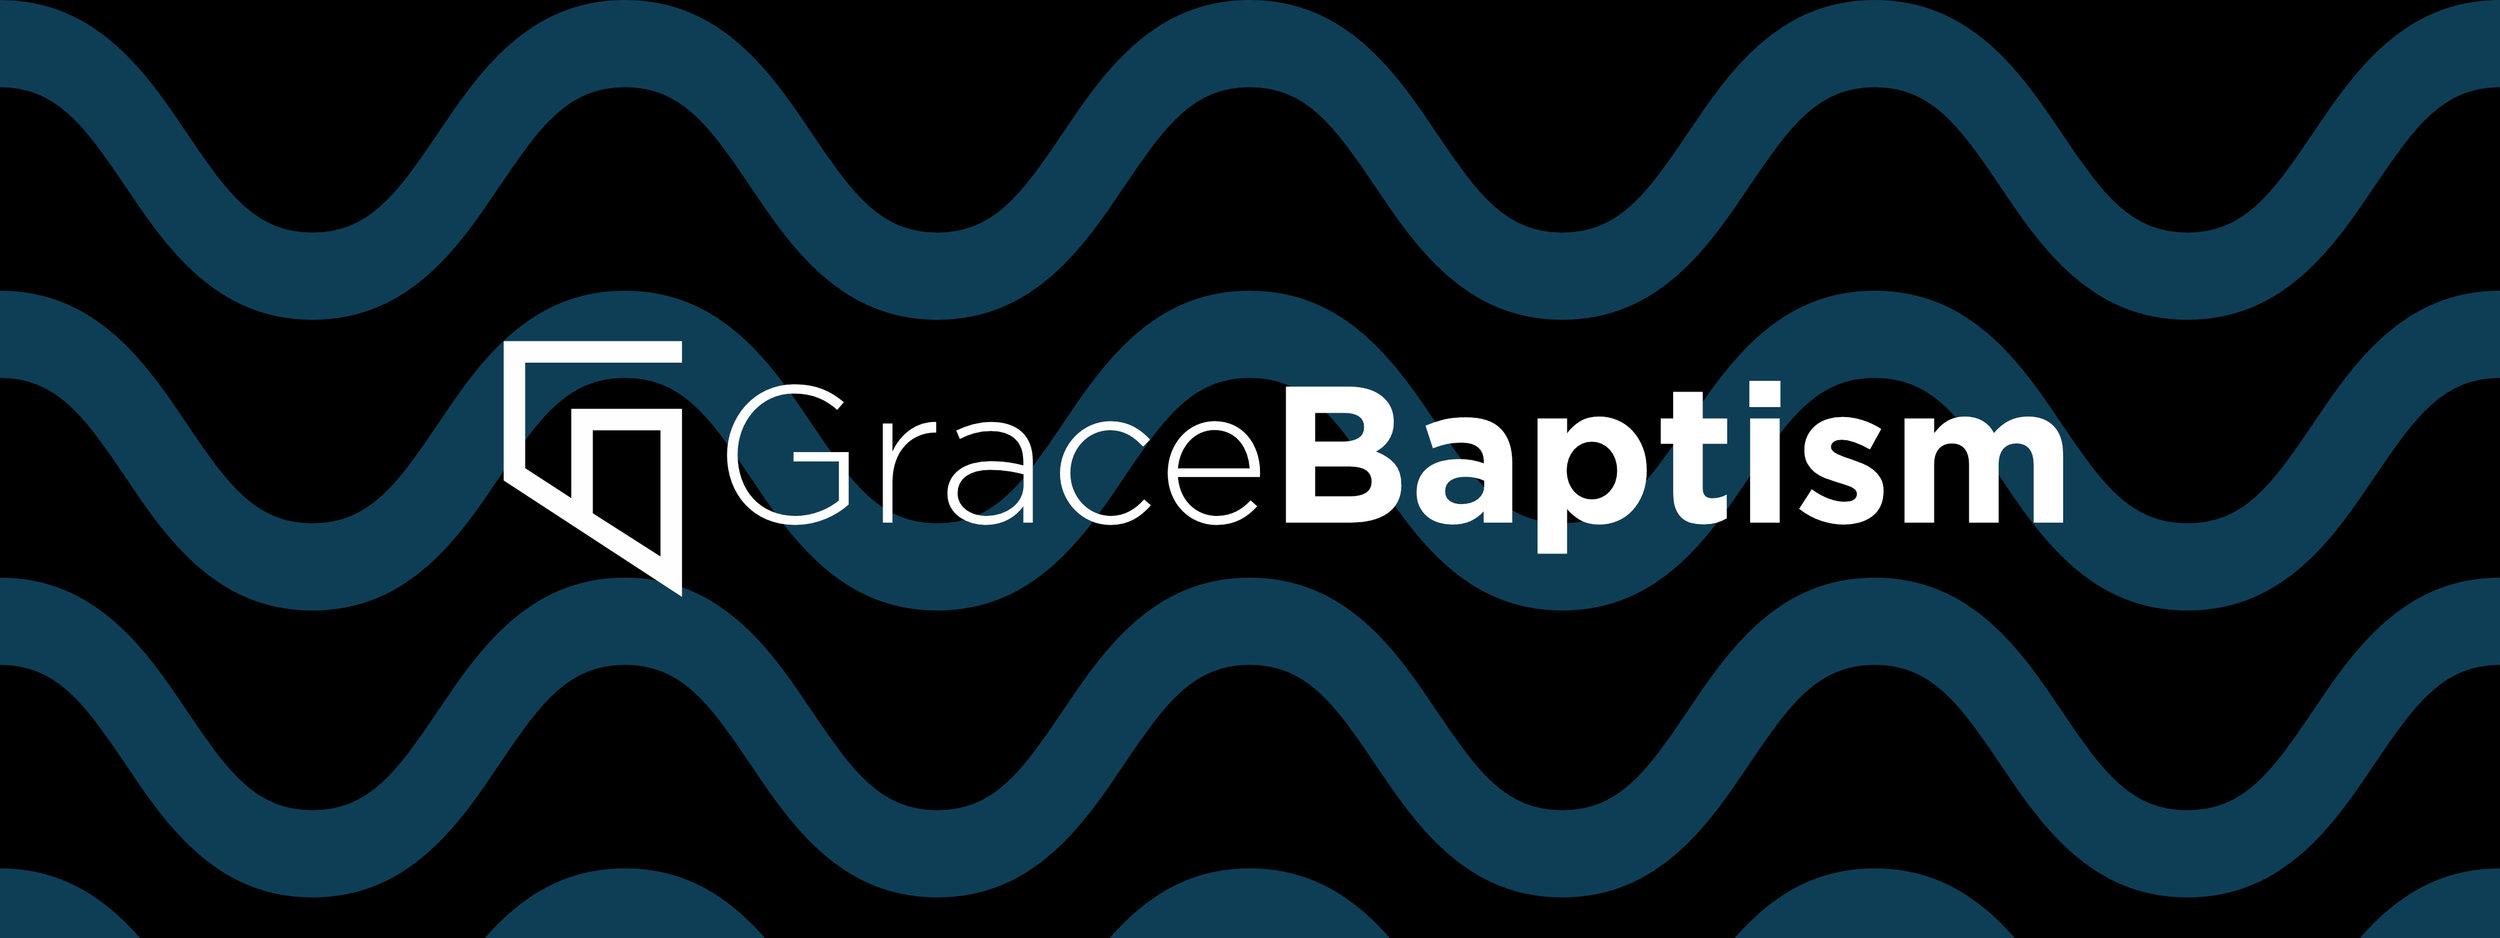 baptism_grace_banner.jpg